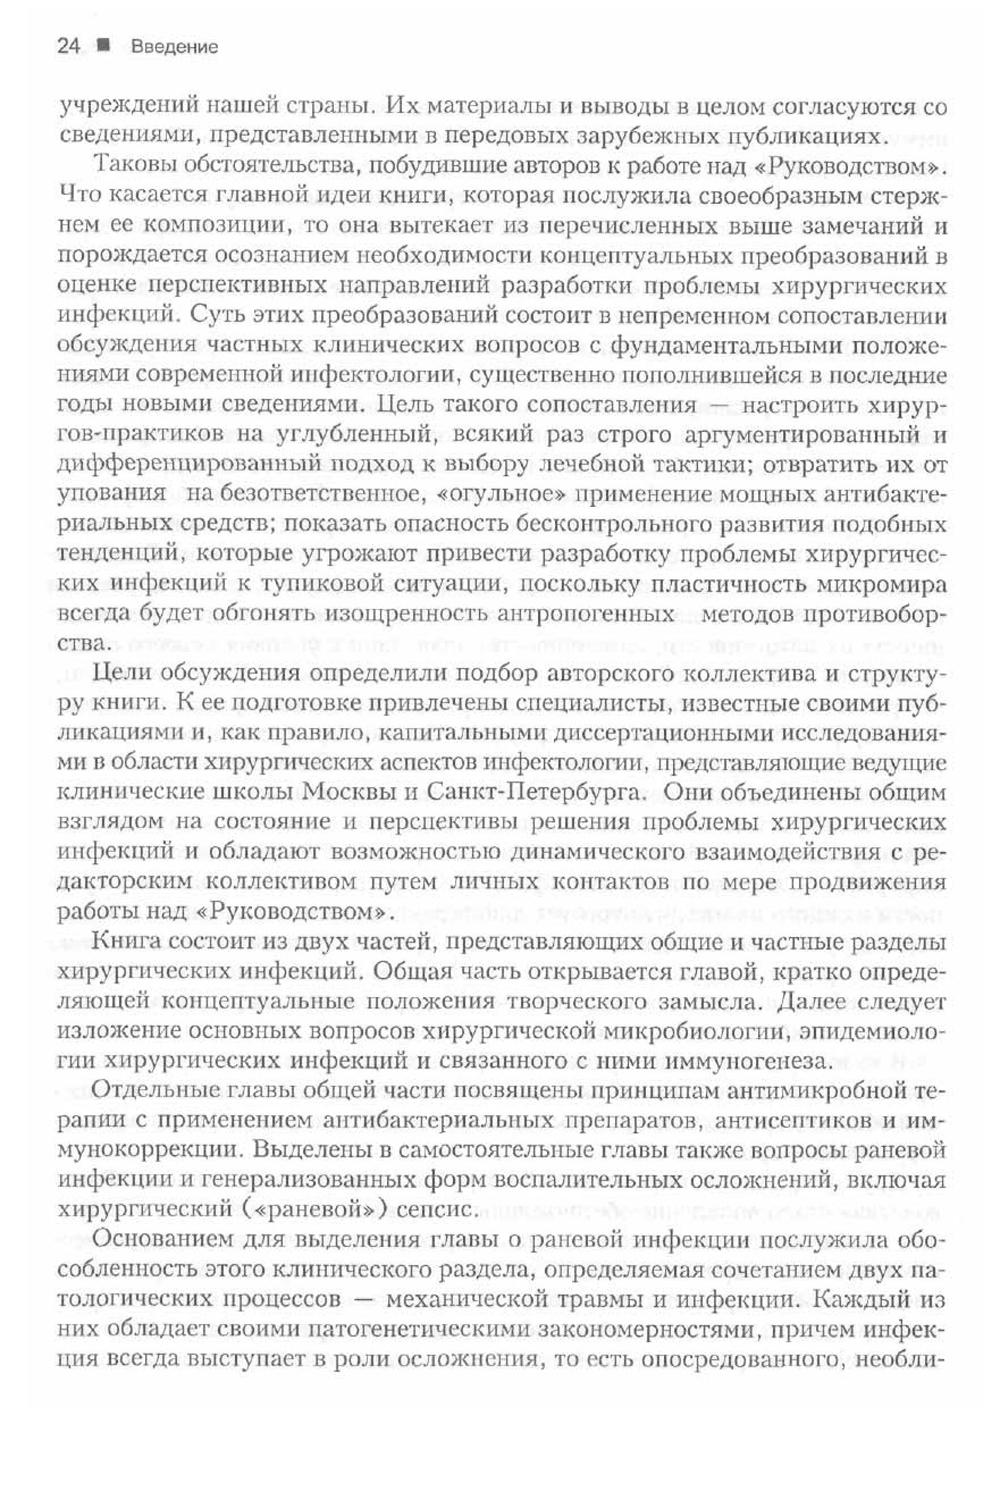 http://ipic.su/img/img7/fs/Vvedenie_021.1592659176.jpg